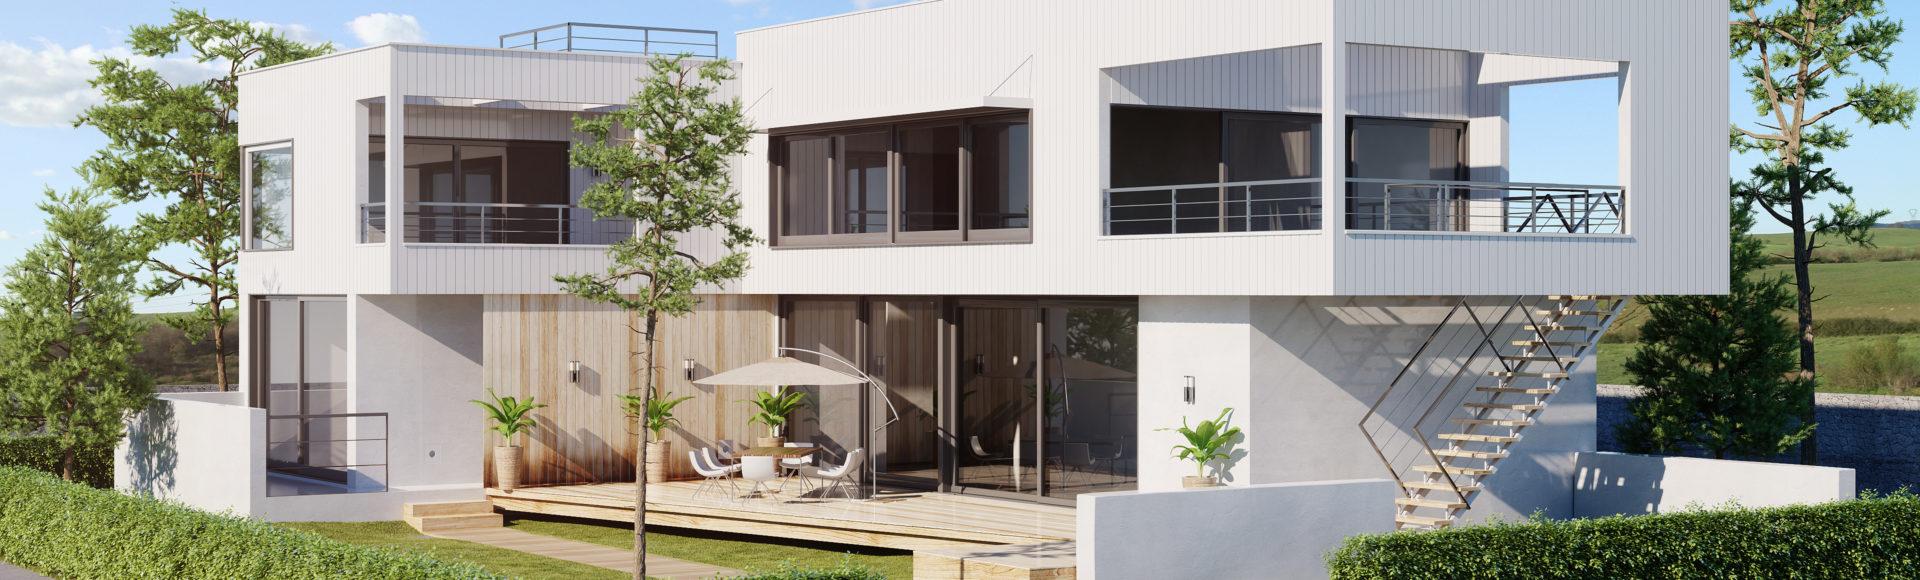 freelance architecture - perspective 3d maison d'architecte